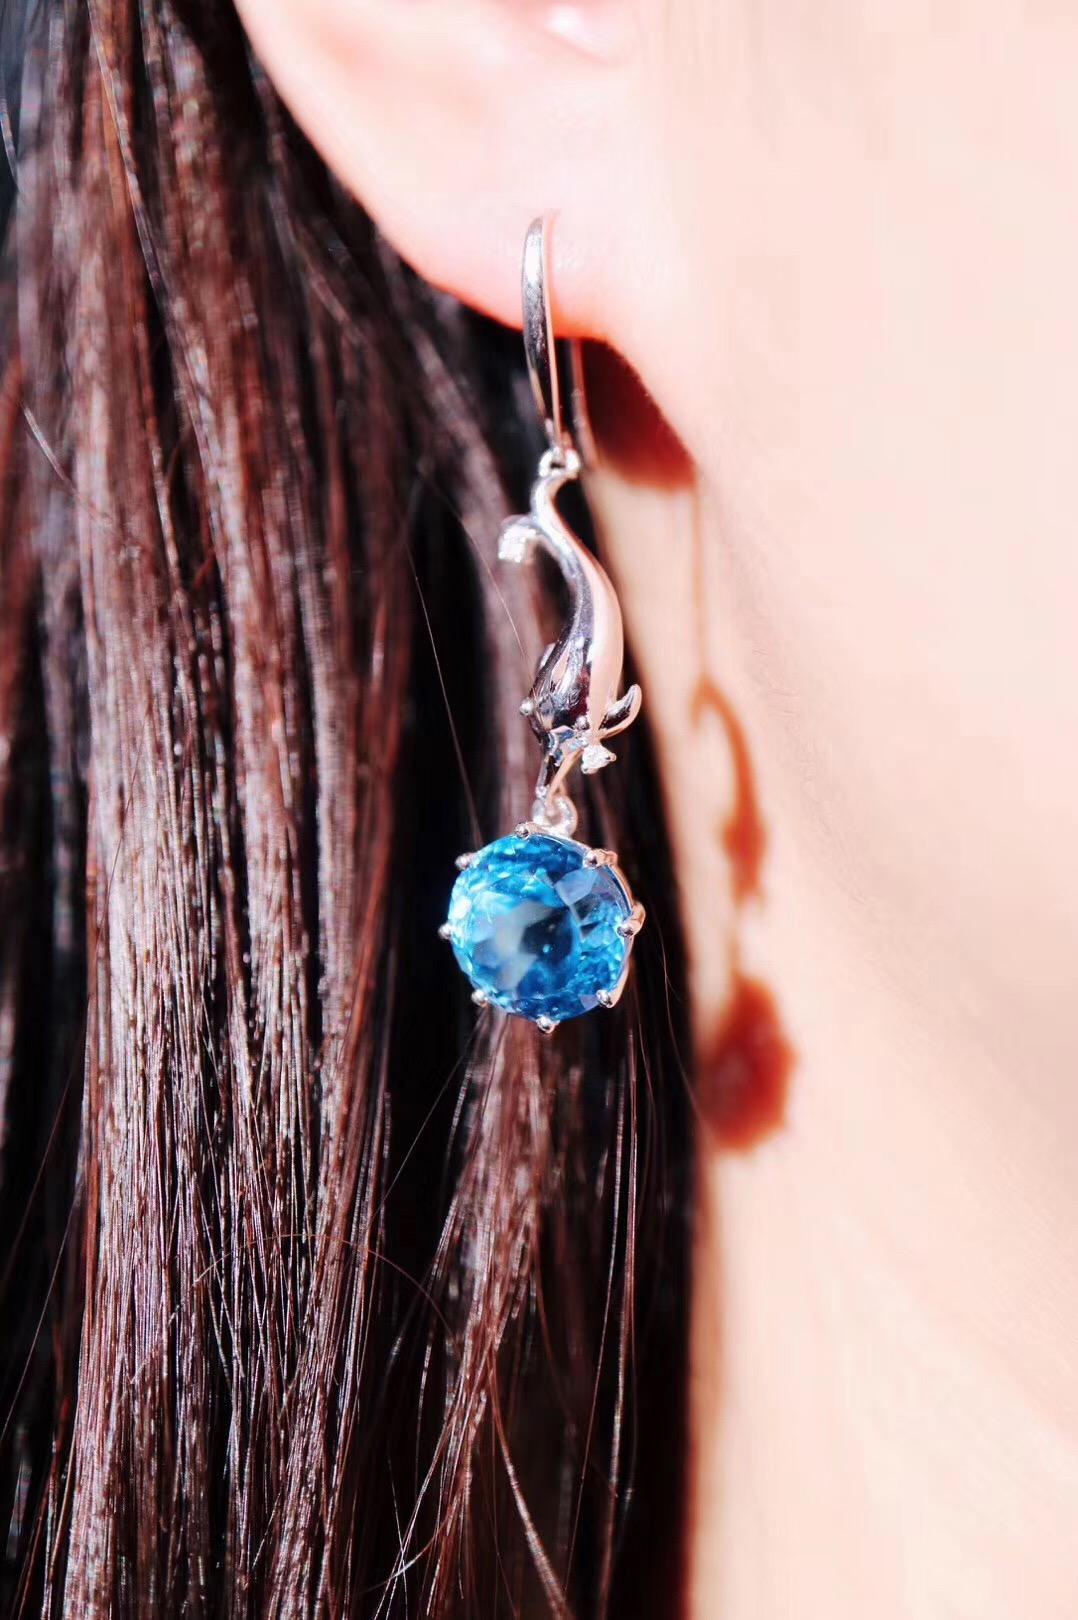 【菩心-托帕石海豚🐬吊坠、耳坠】奉上这一组托帕石海豚爱恋设计-菩心晶舍